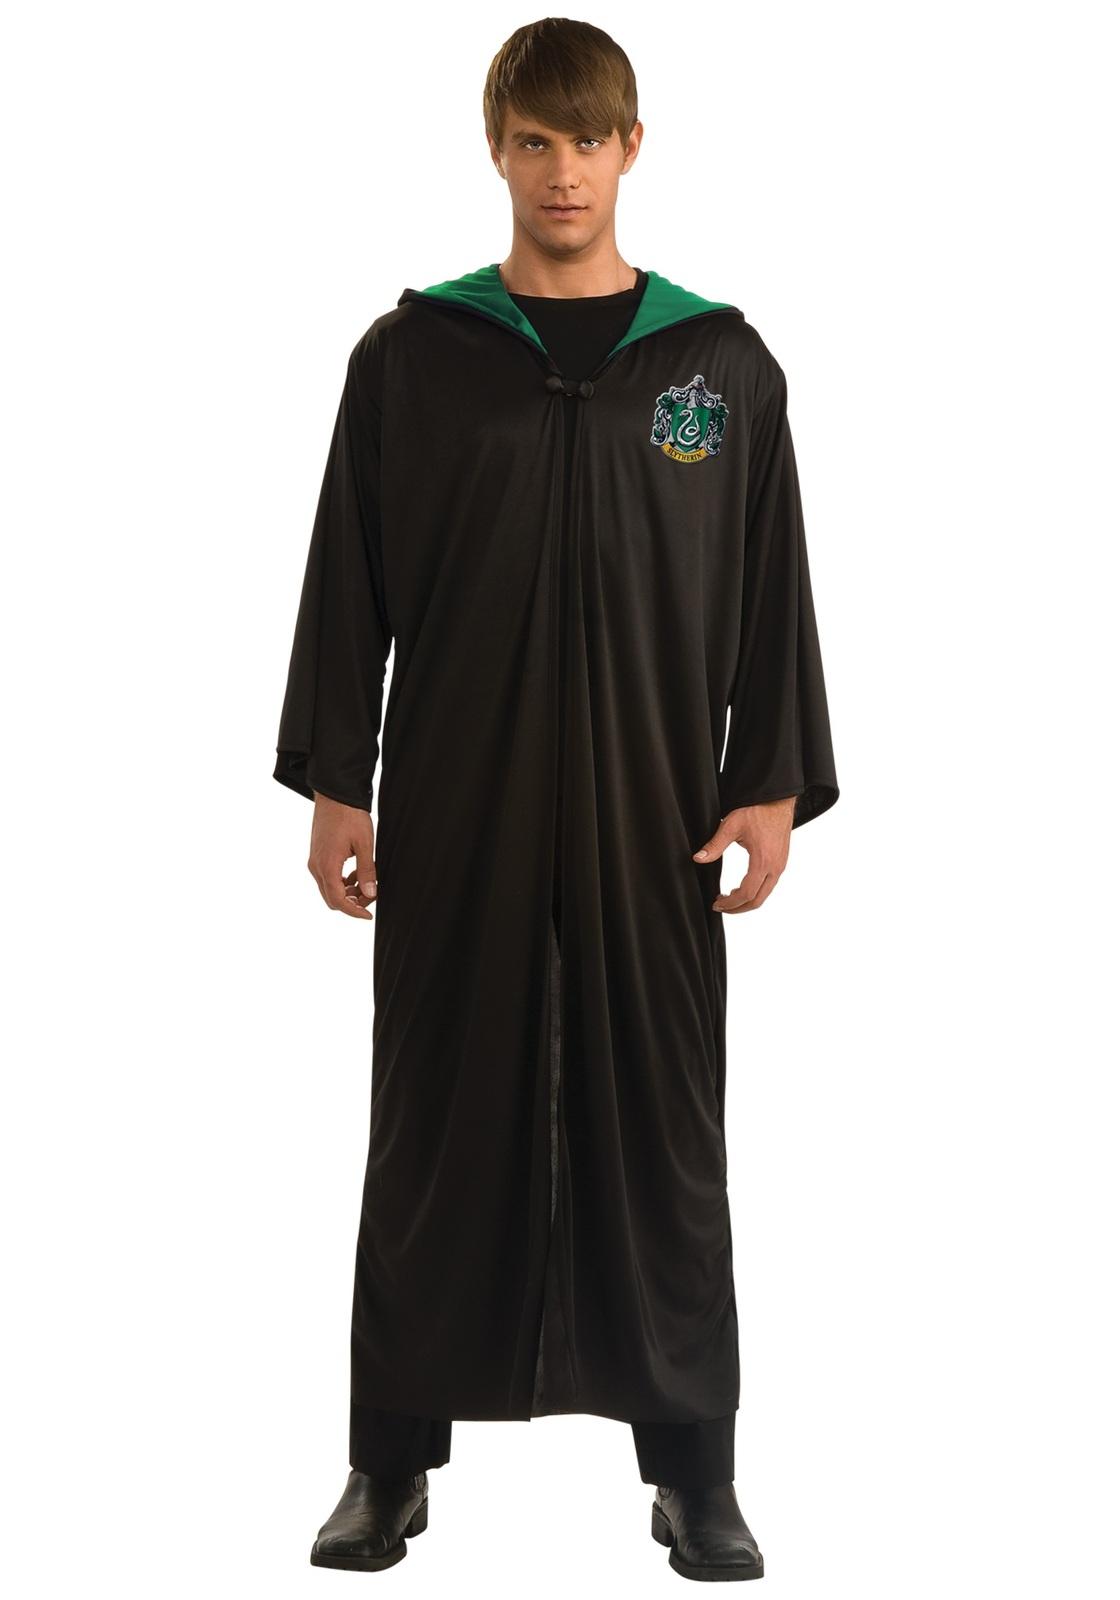 Harry Potter: Adult Slytherin Robe (Standard Size) image